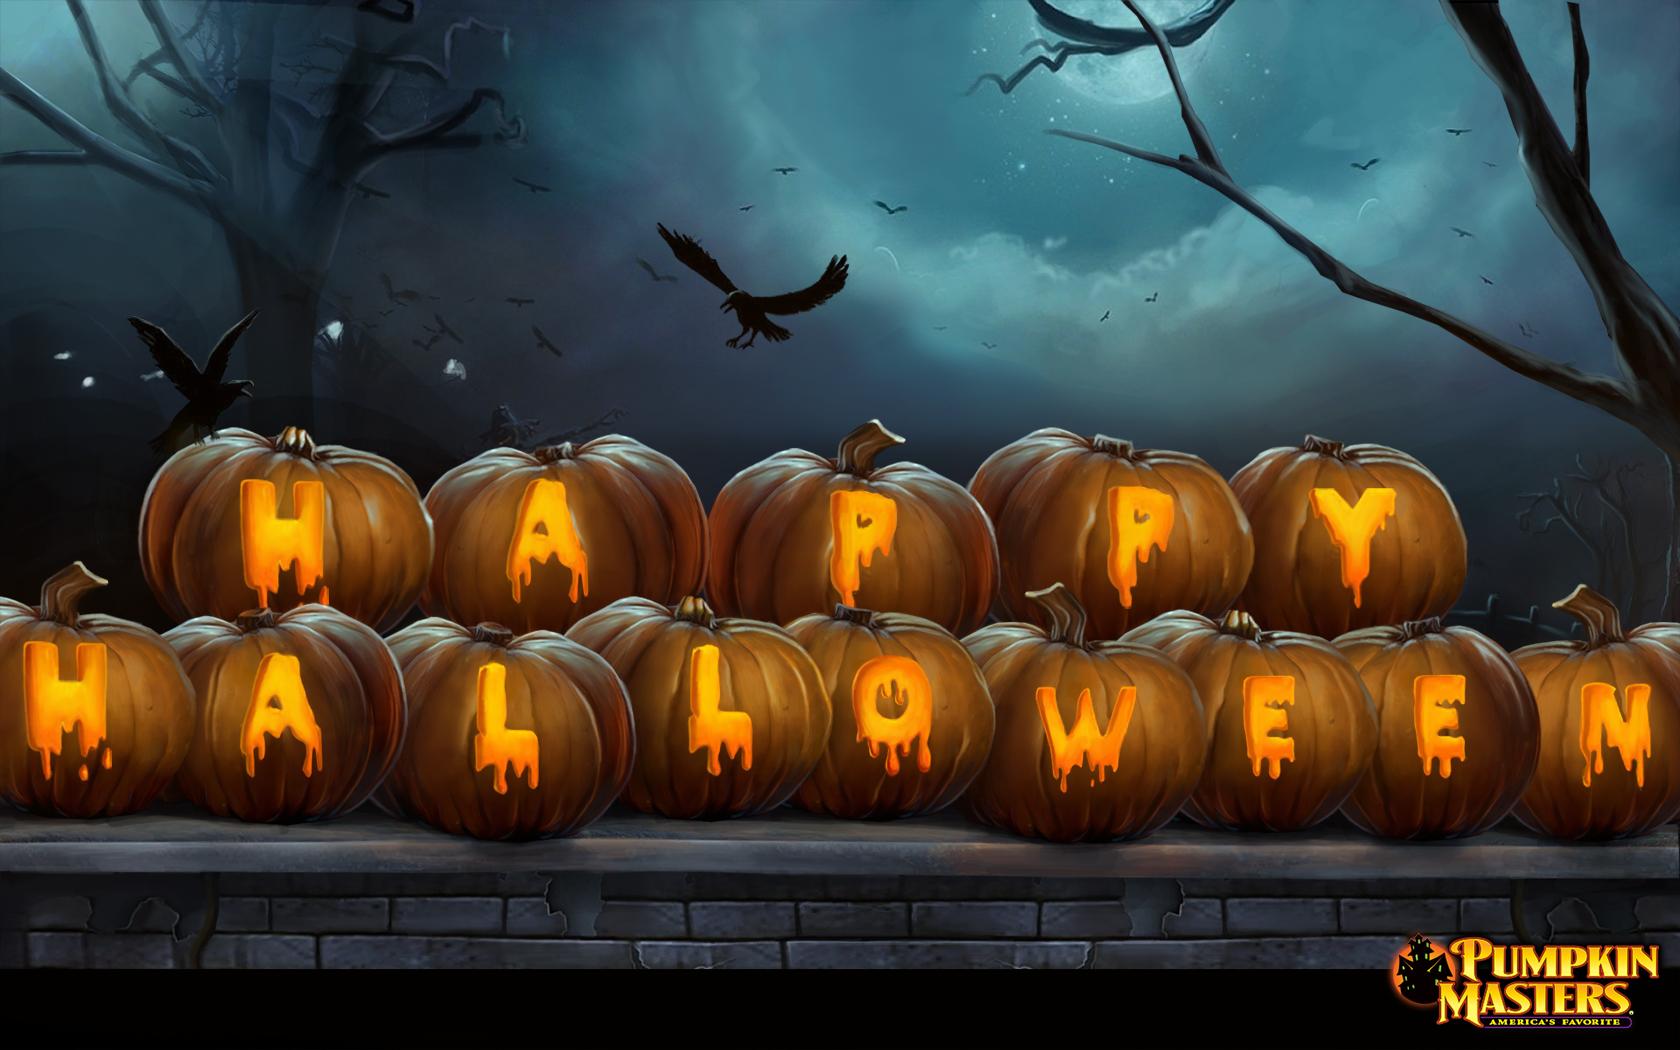 Halloween Desktop Wallpapers Halloween Carving Designs 1680x1050